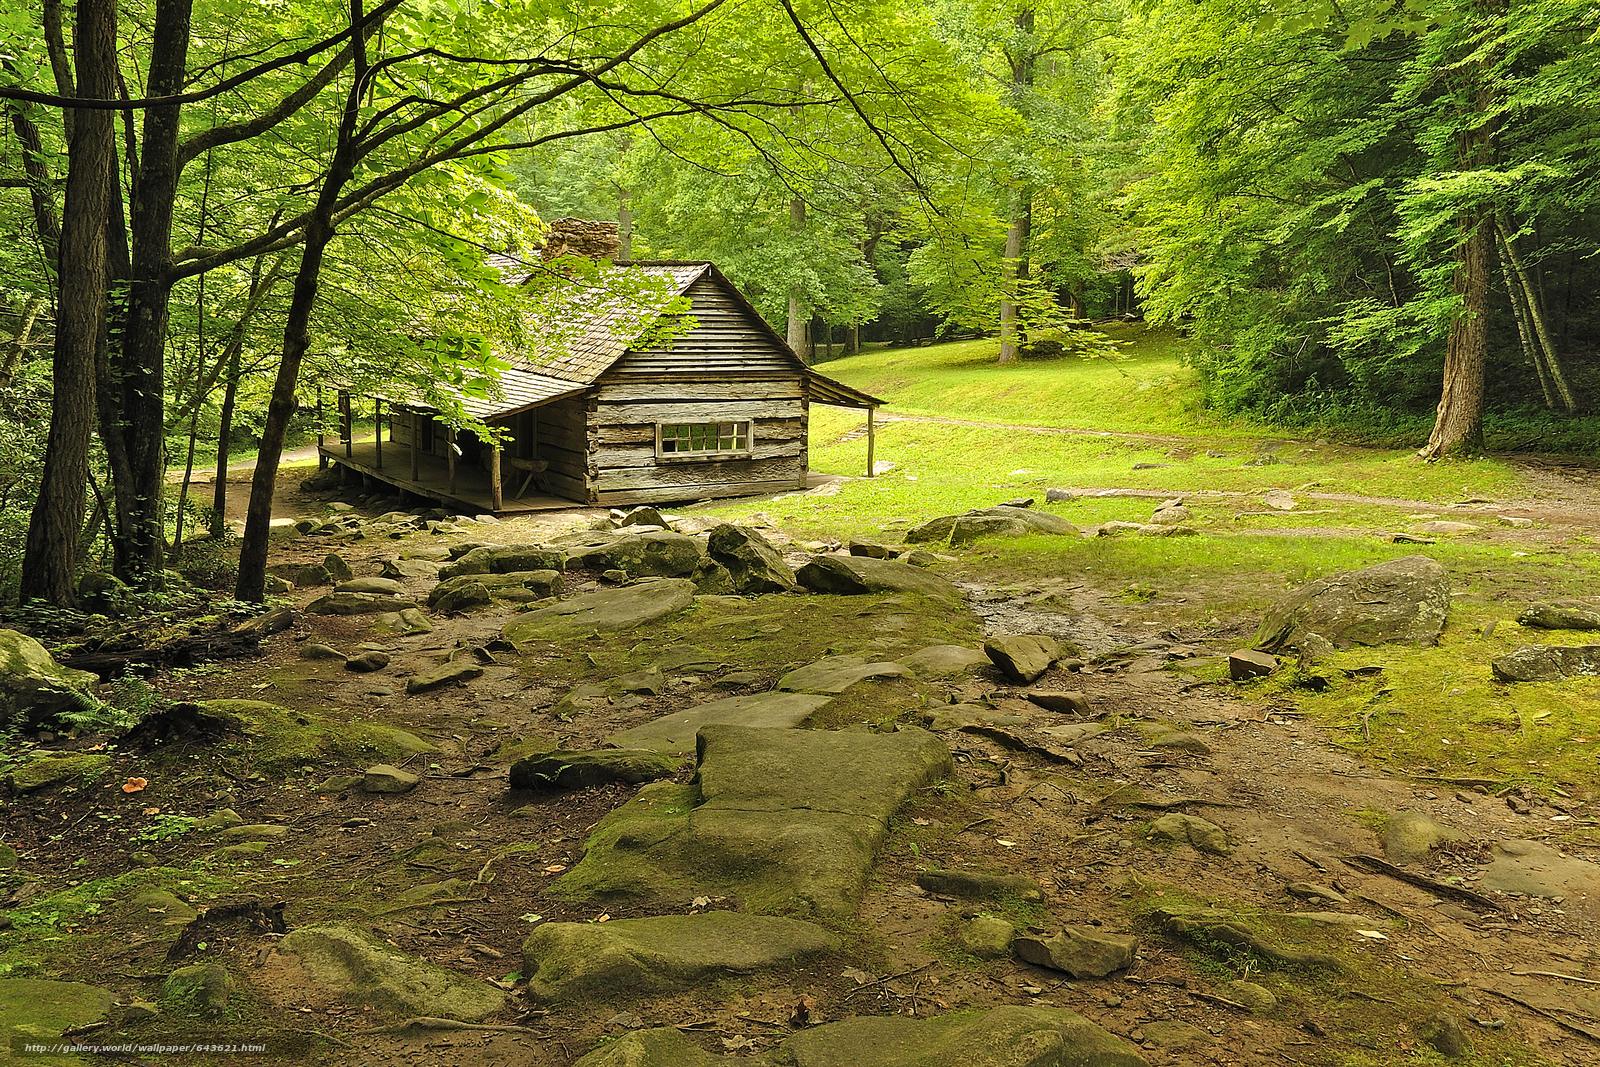 Tlcharger Fond d'ecran forêt,  arbres,  clairière,  cabine Fonds d'ecran gratuits pour votre rsolution du bureau 3999x2666 — image №643621